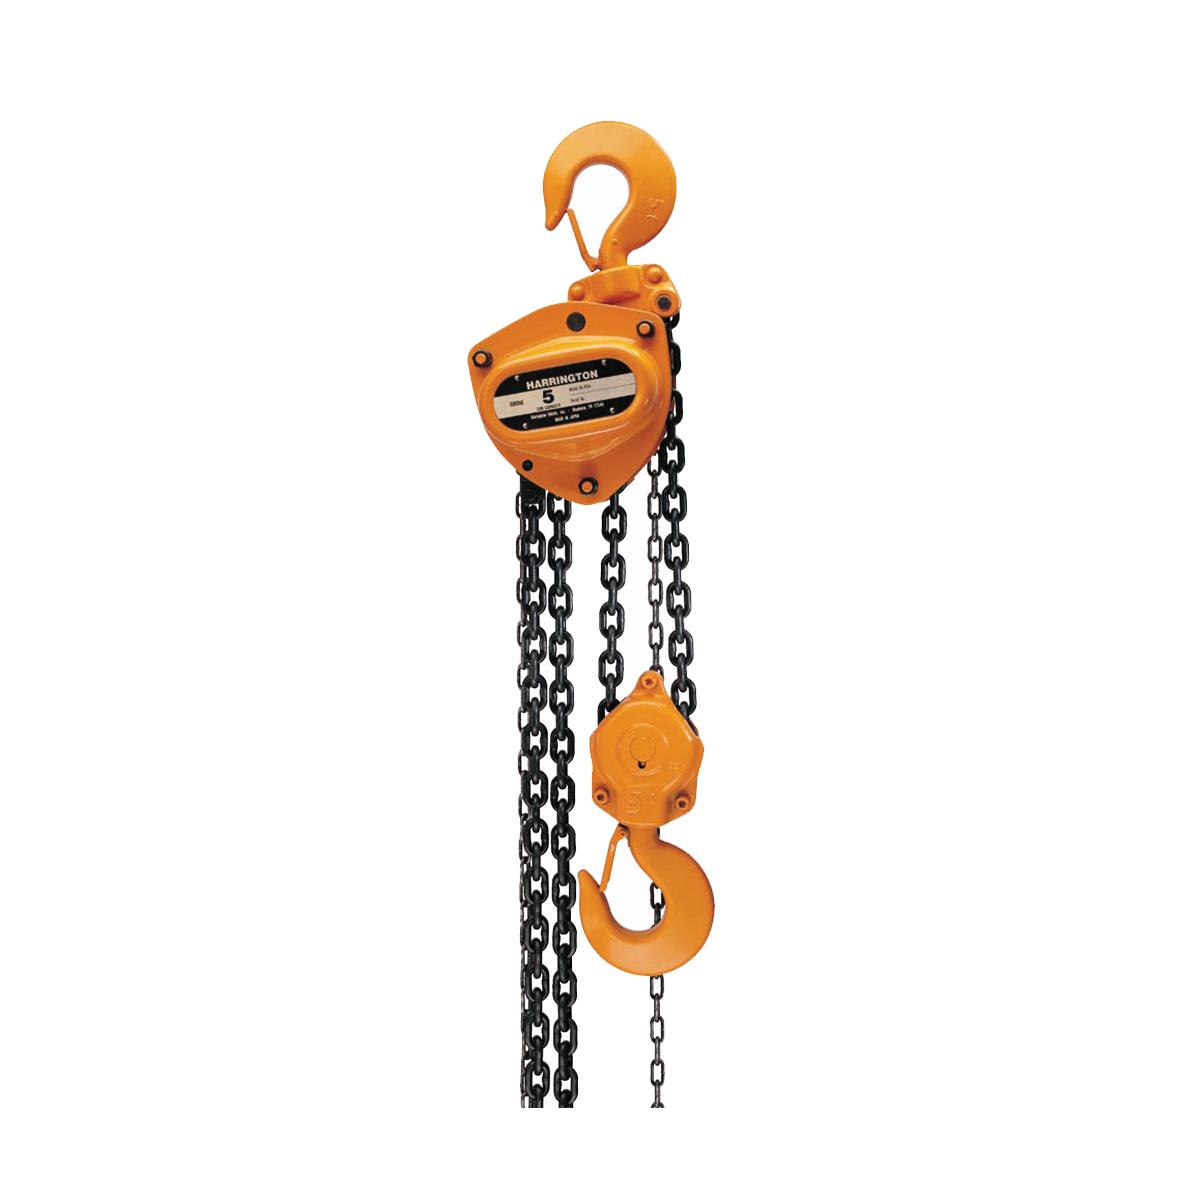 Harrington CB Hand Chain Hoist